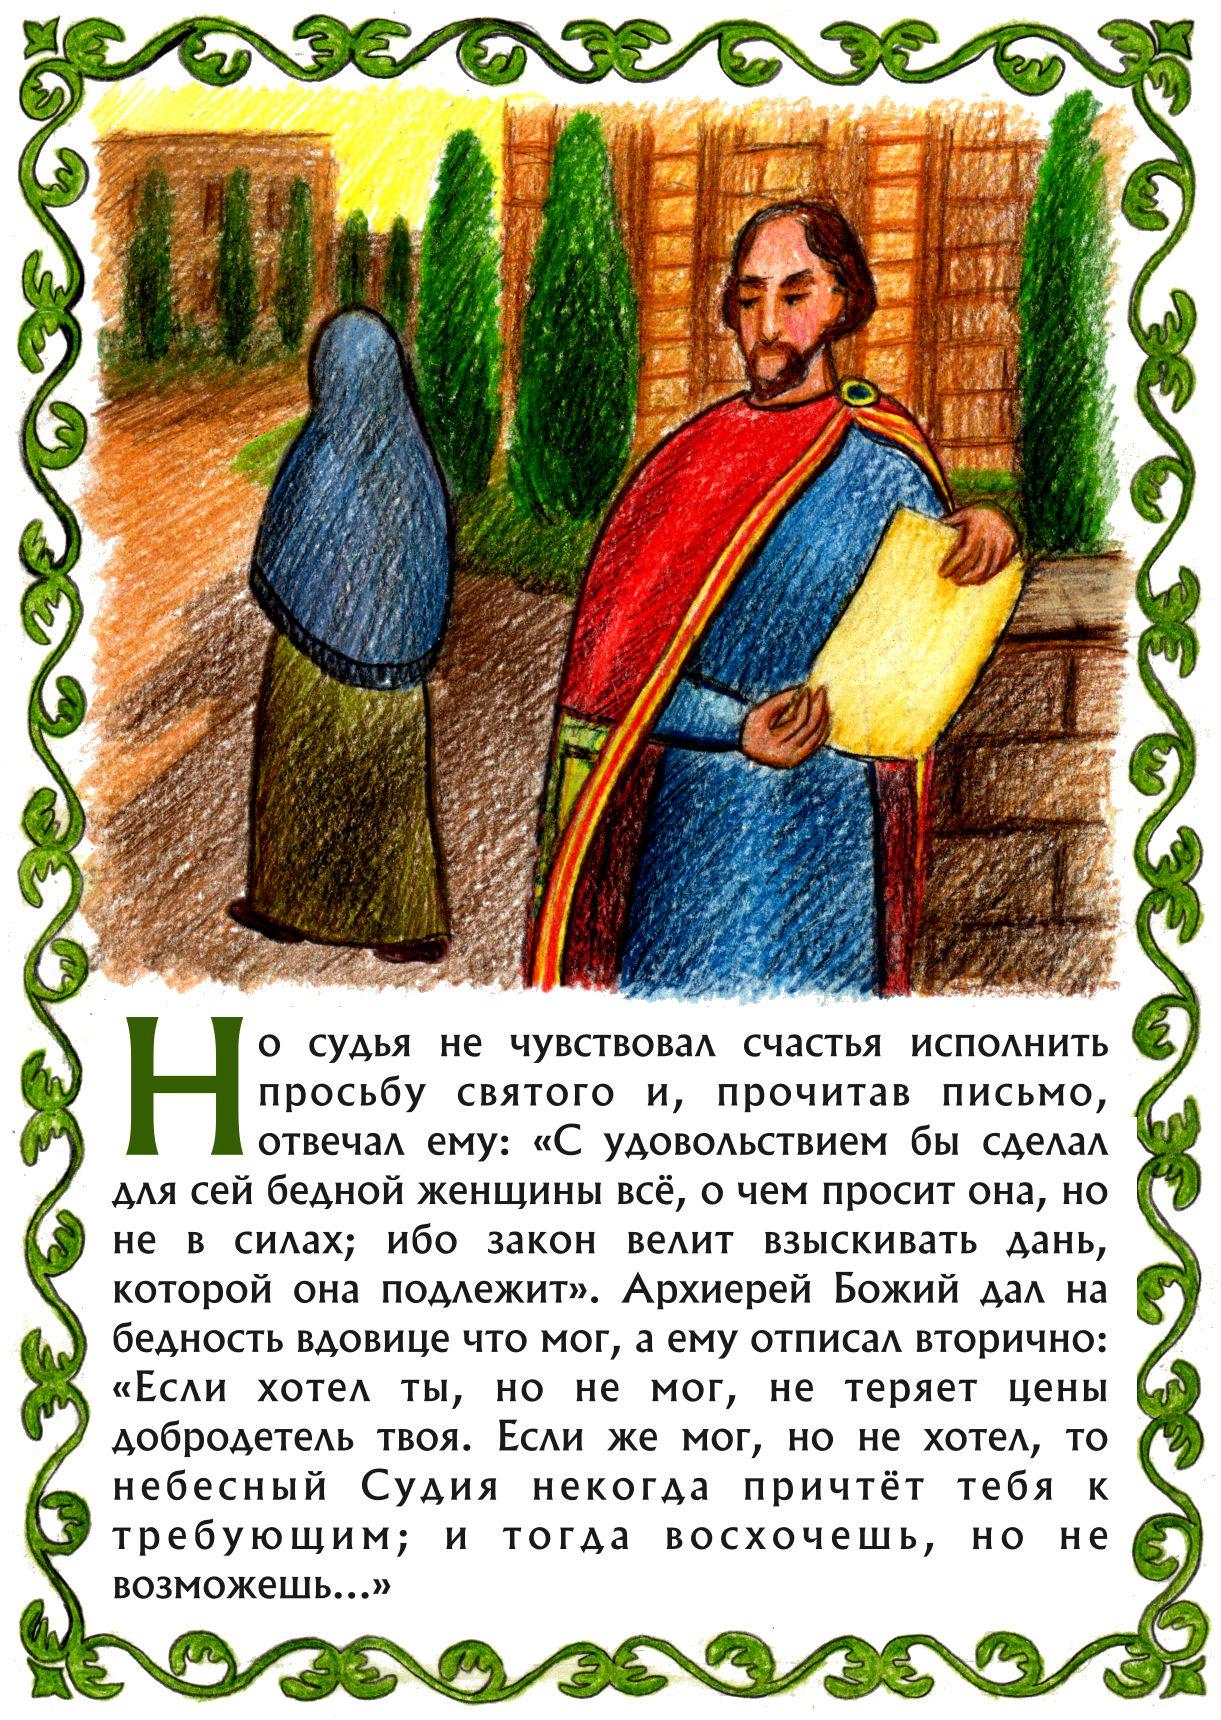 nvv 3 - Незлобие Василия Великого